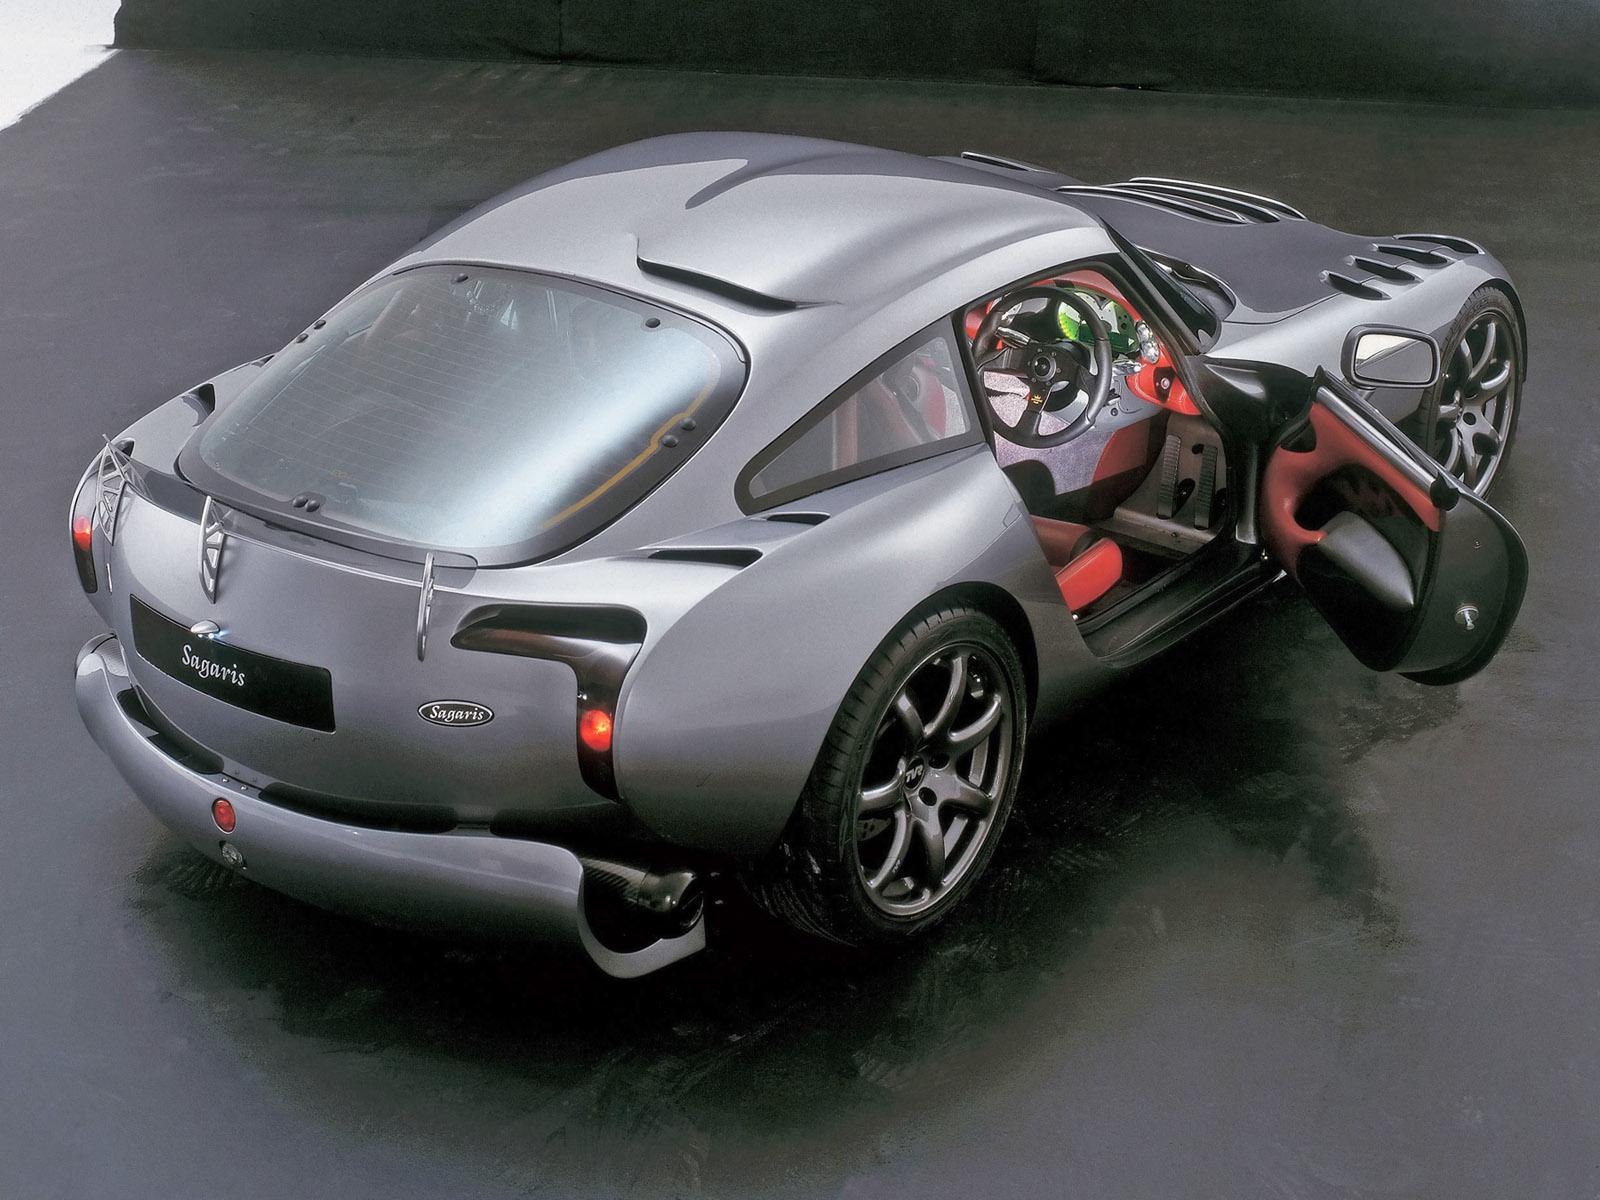 2004-TVR-Sagaris-RA-Top-1600x1200